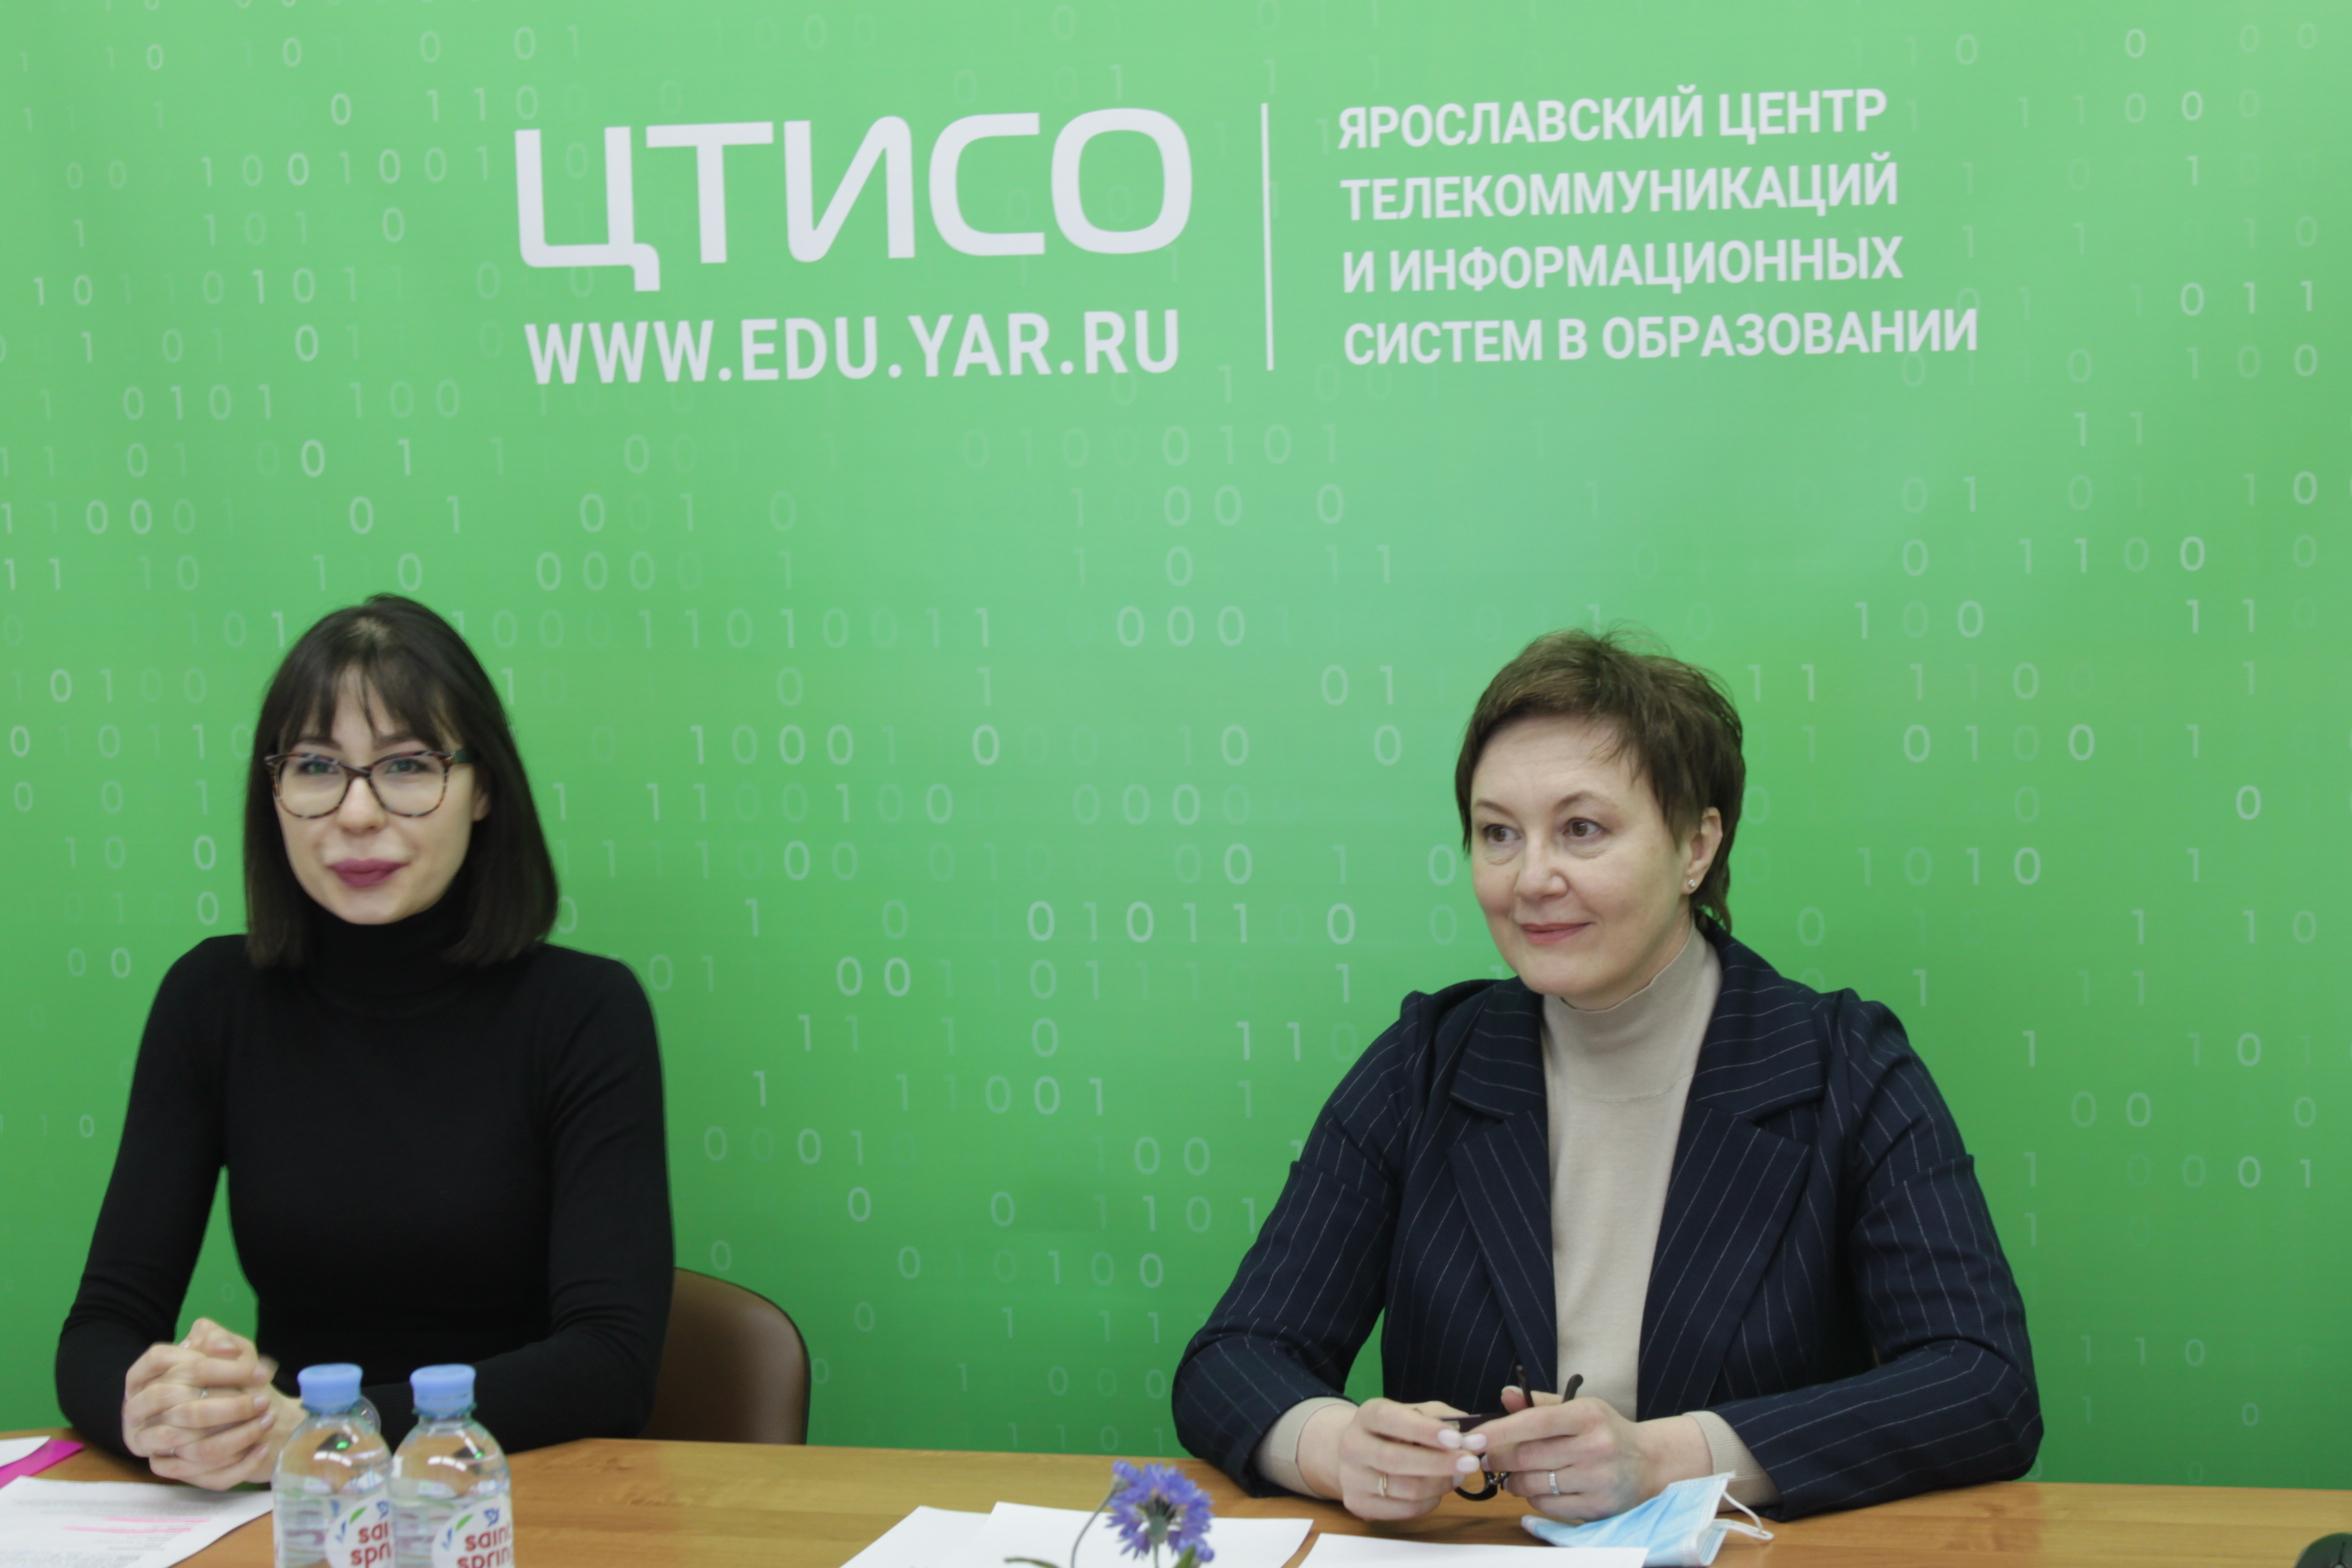 Ярославские школьники обсудили приватность в цифровом мире